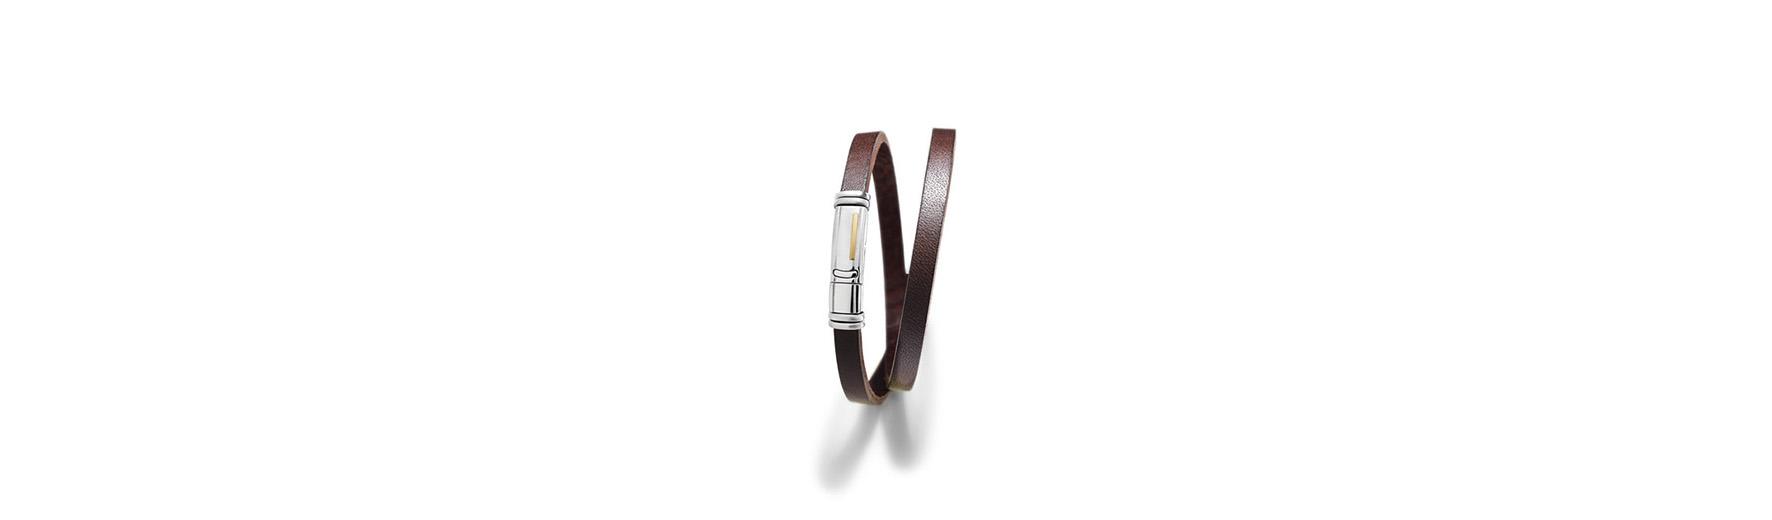 bijoux homme bracelet cuir charles jourdan